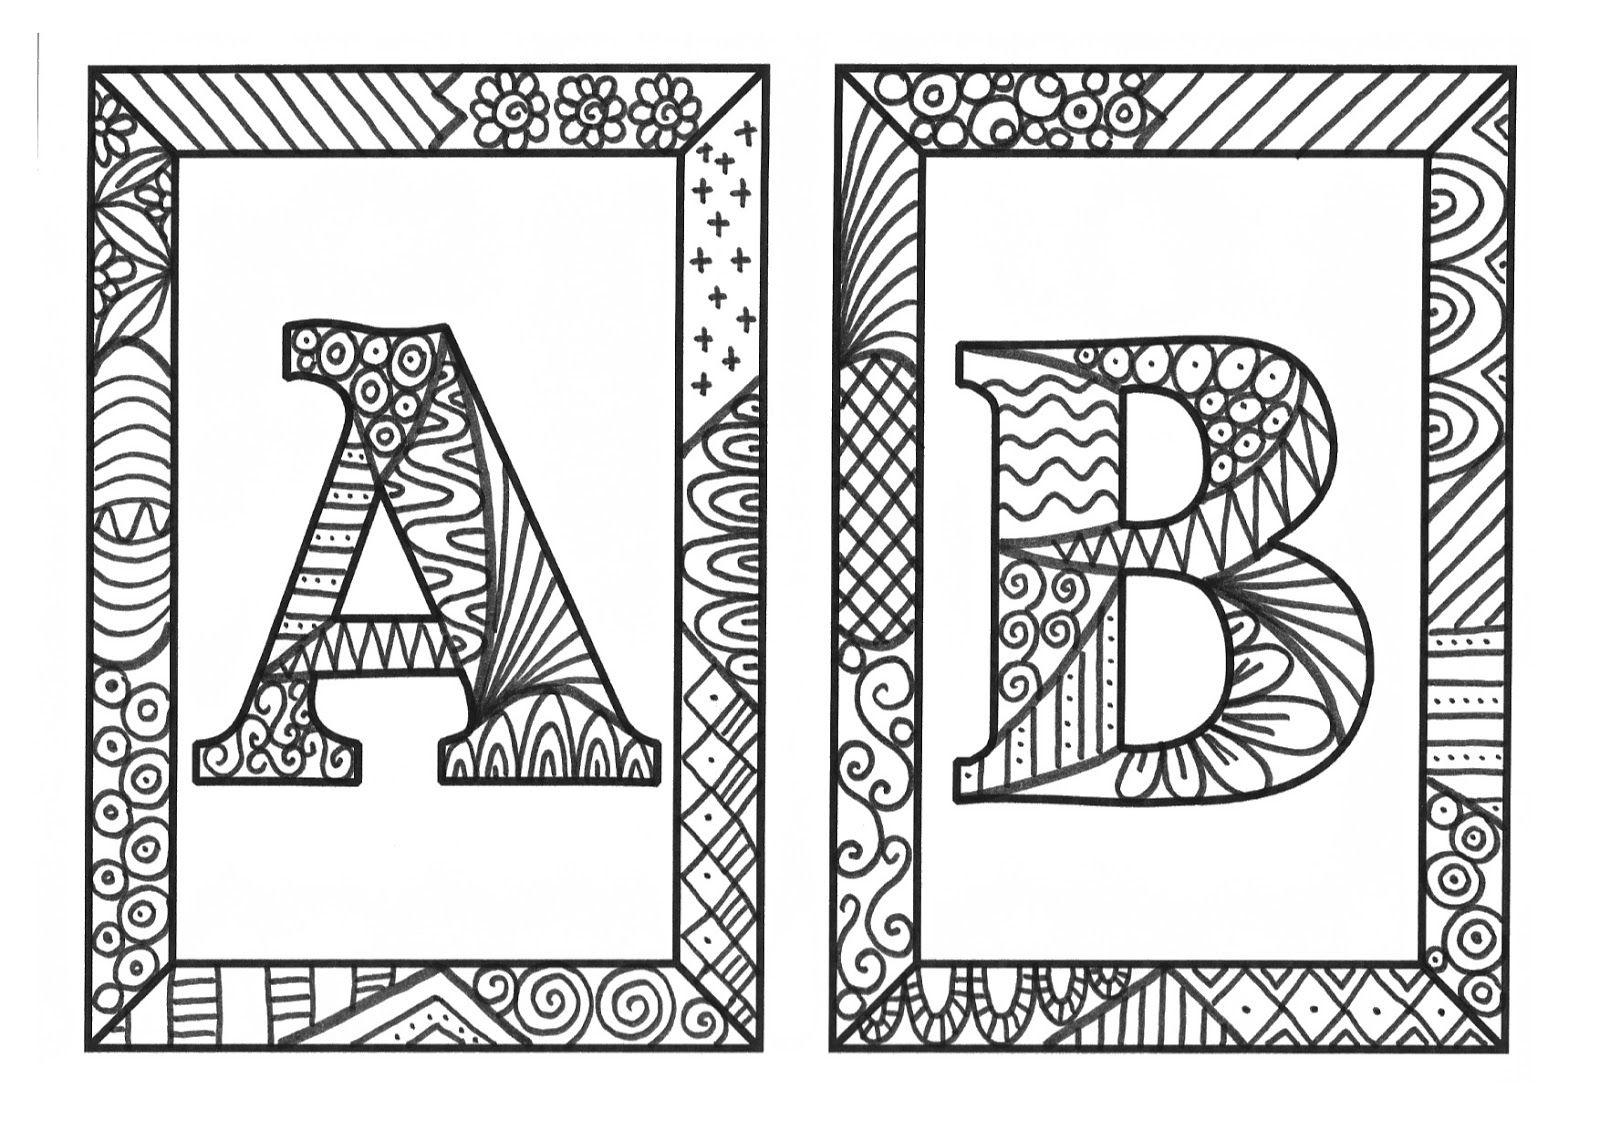 Roi, Reine, Chateau, Recherche Mot, Graphisme, Jeu, Formes avec Decoupage A Imprimer Gratuit